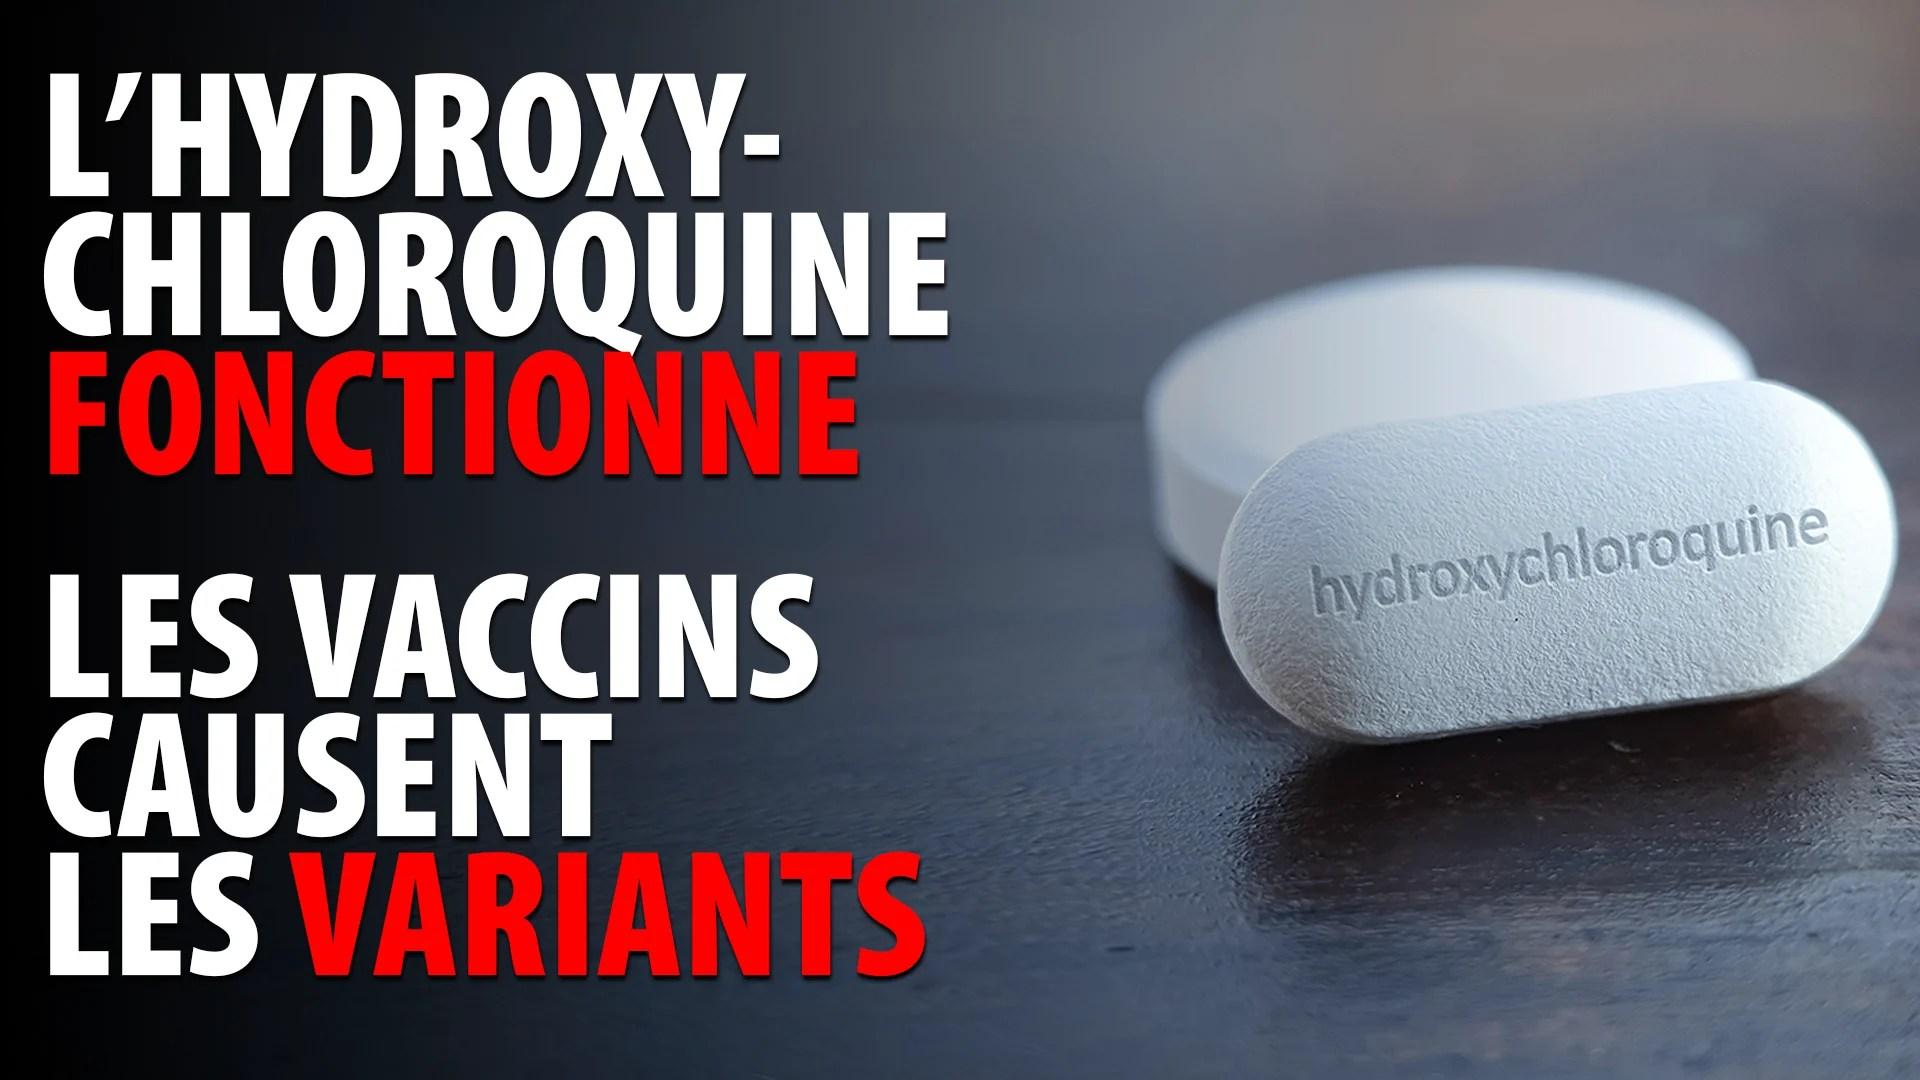 L'HYDROXYCHLOROQUINE FONCTIONNE.  LES VACCINS CAUSENT LES VARIANTS.